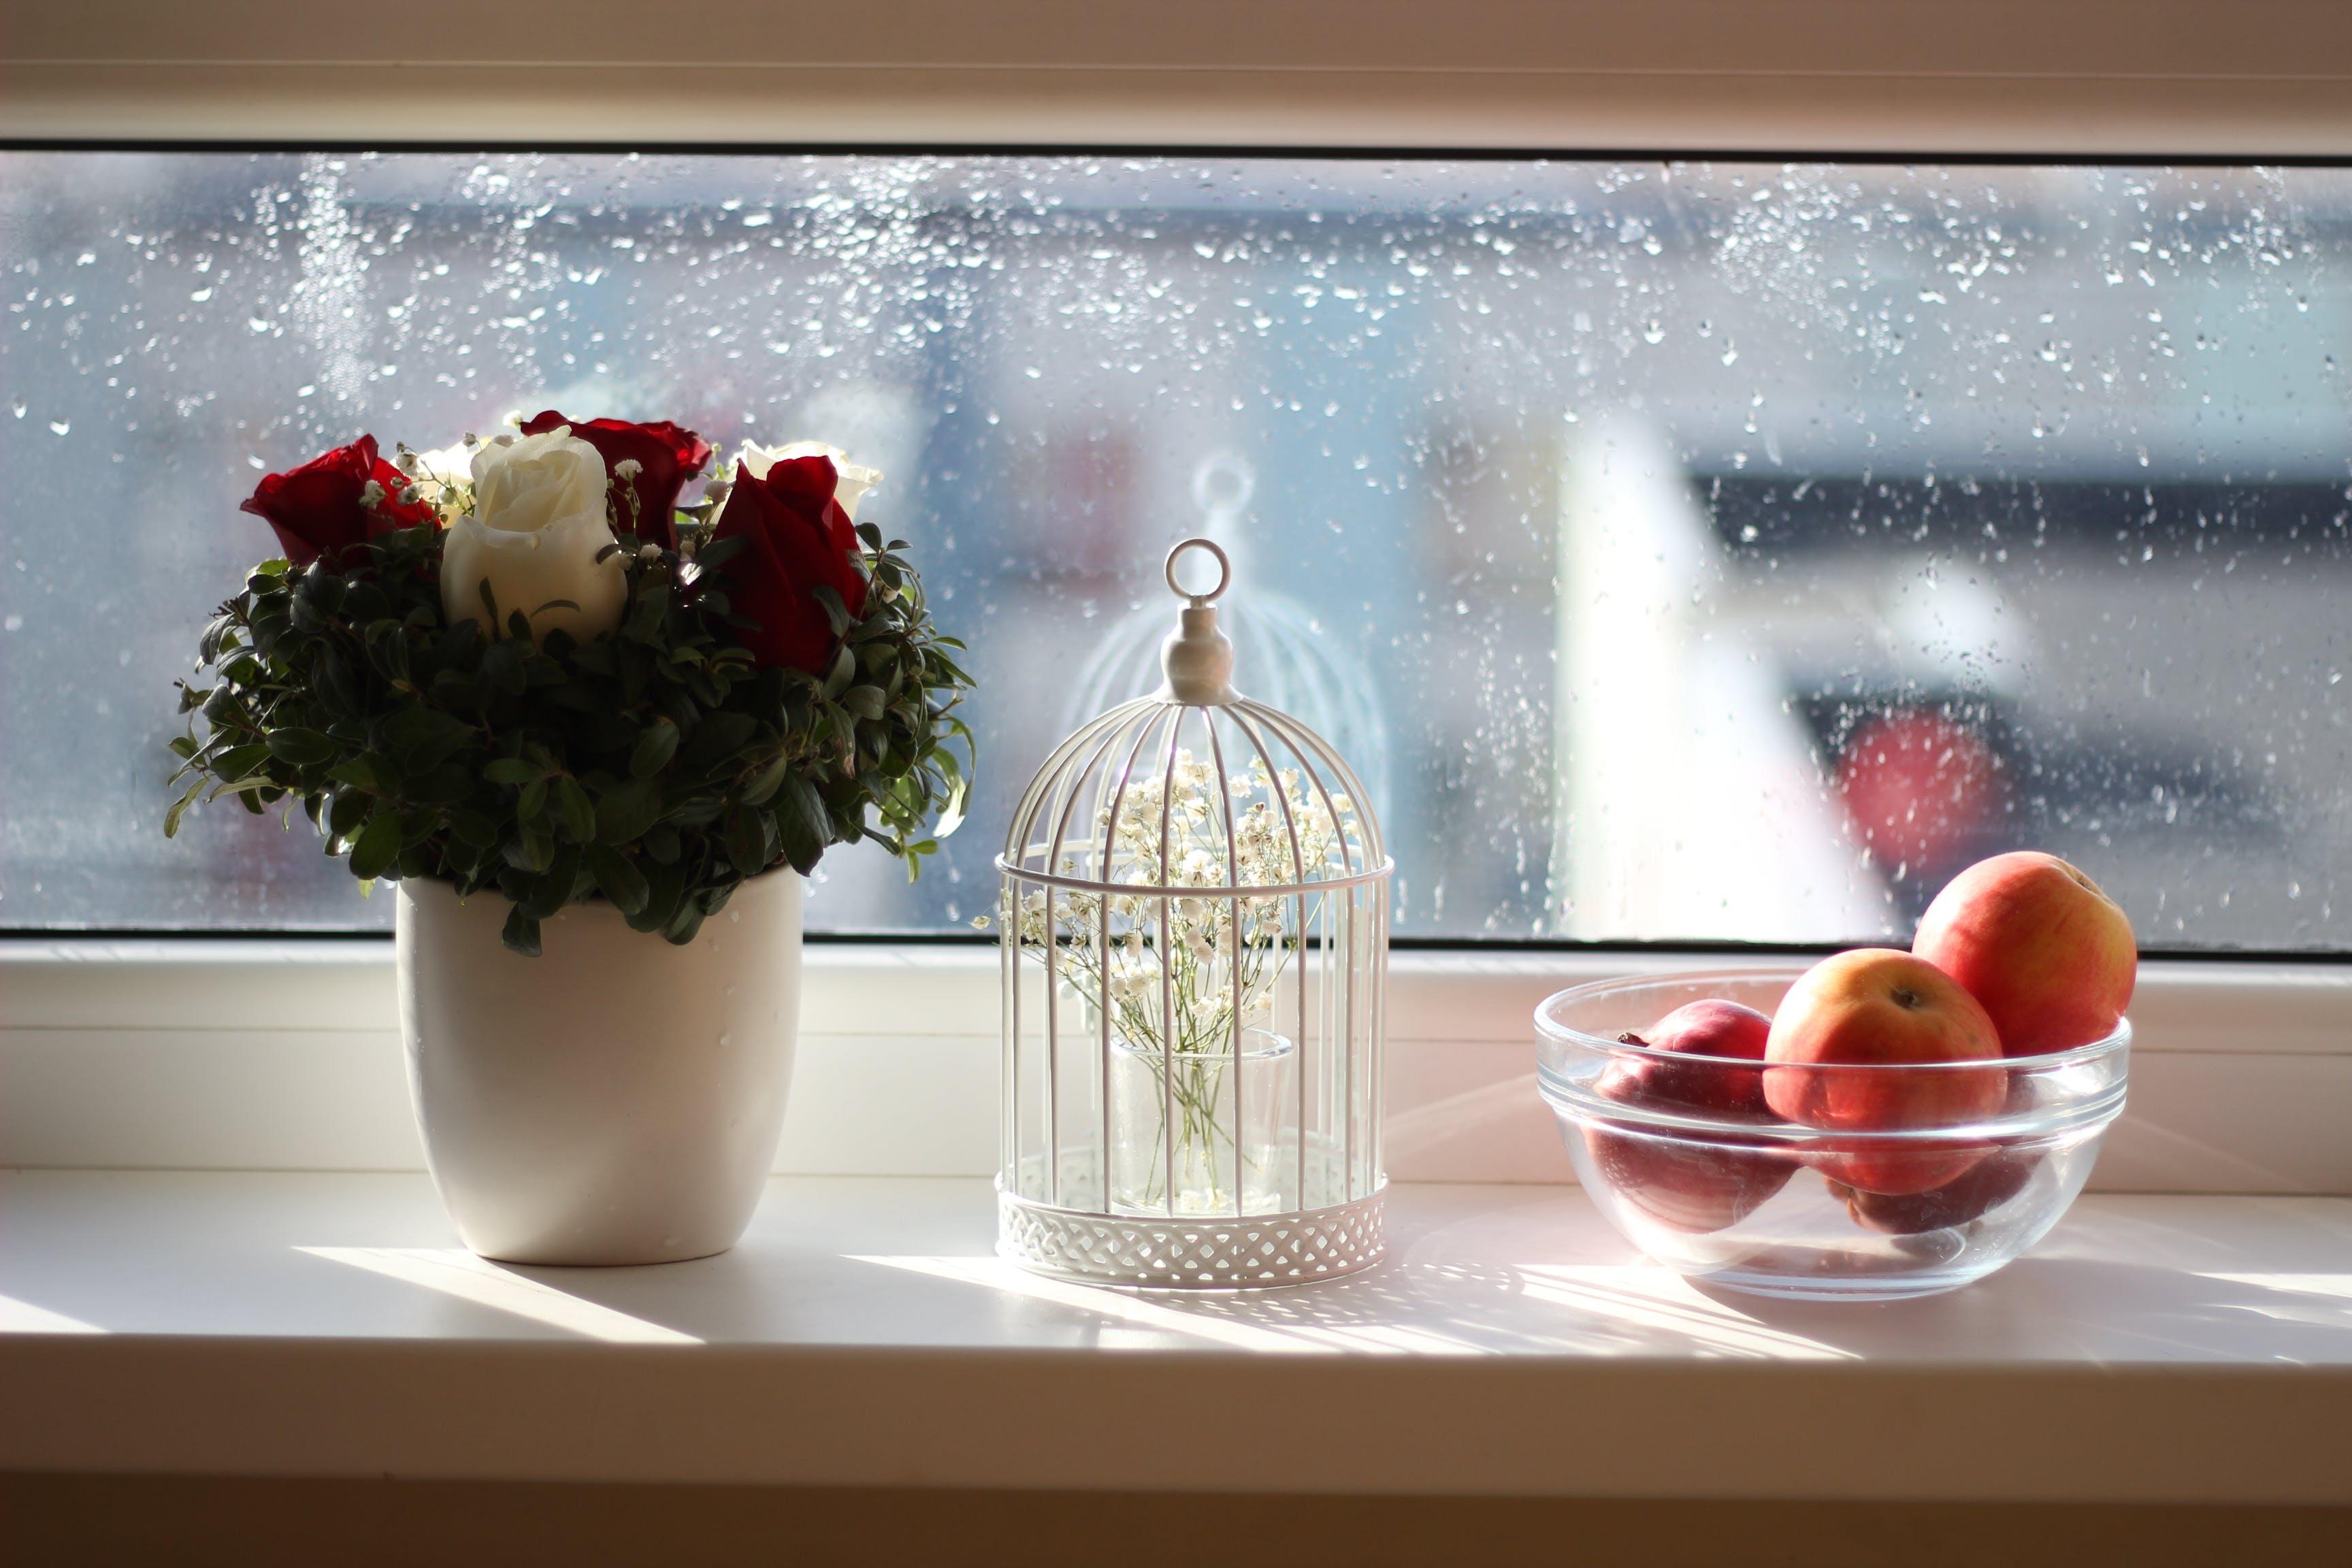 Immagine gratuita di arredamento, articoli di vetro, bicchiere, ciotola